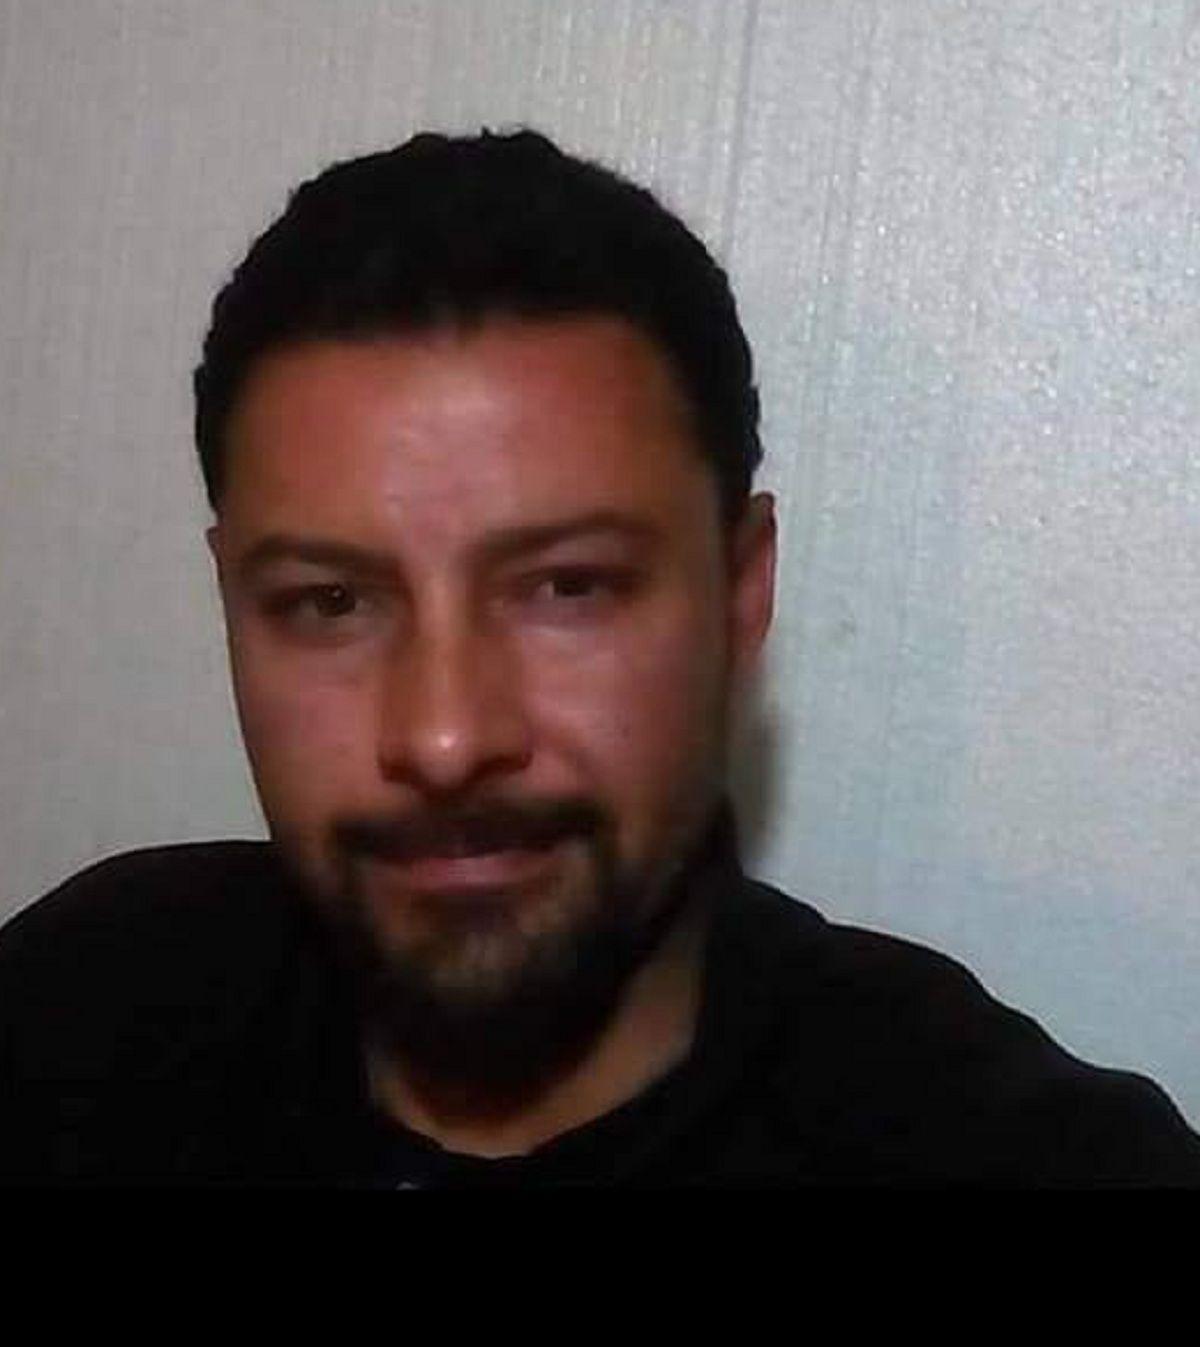 El hombre buscado por el femicidio de Bariloche tenia una denuncia por abuso sexual